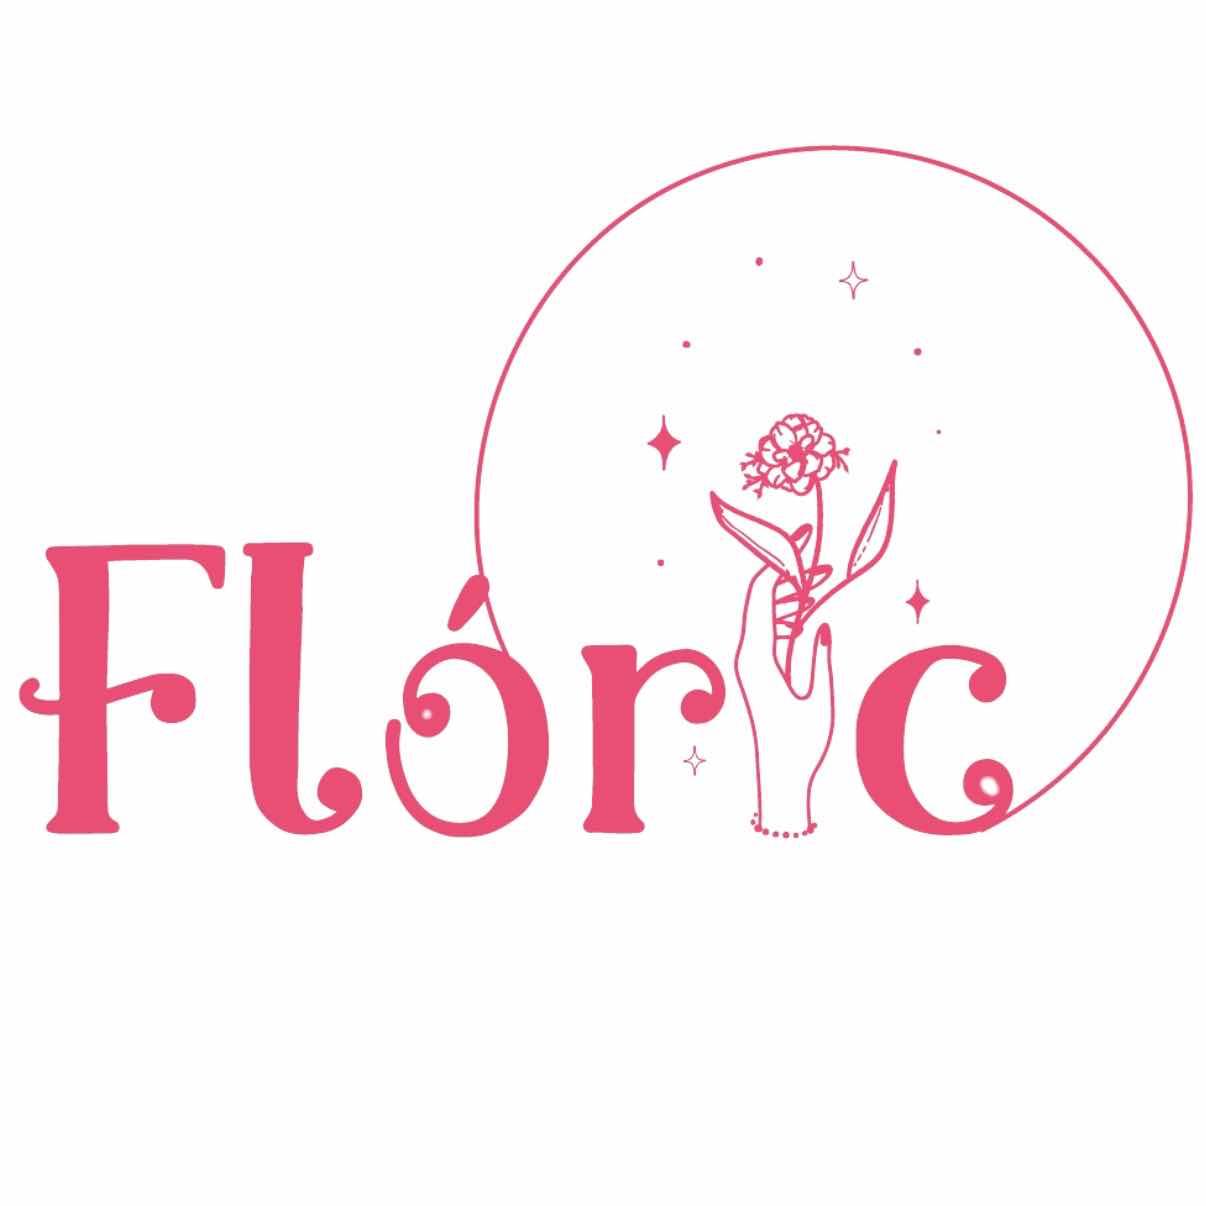 Flóric